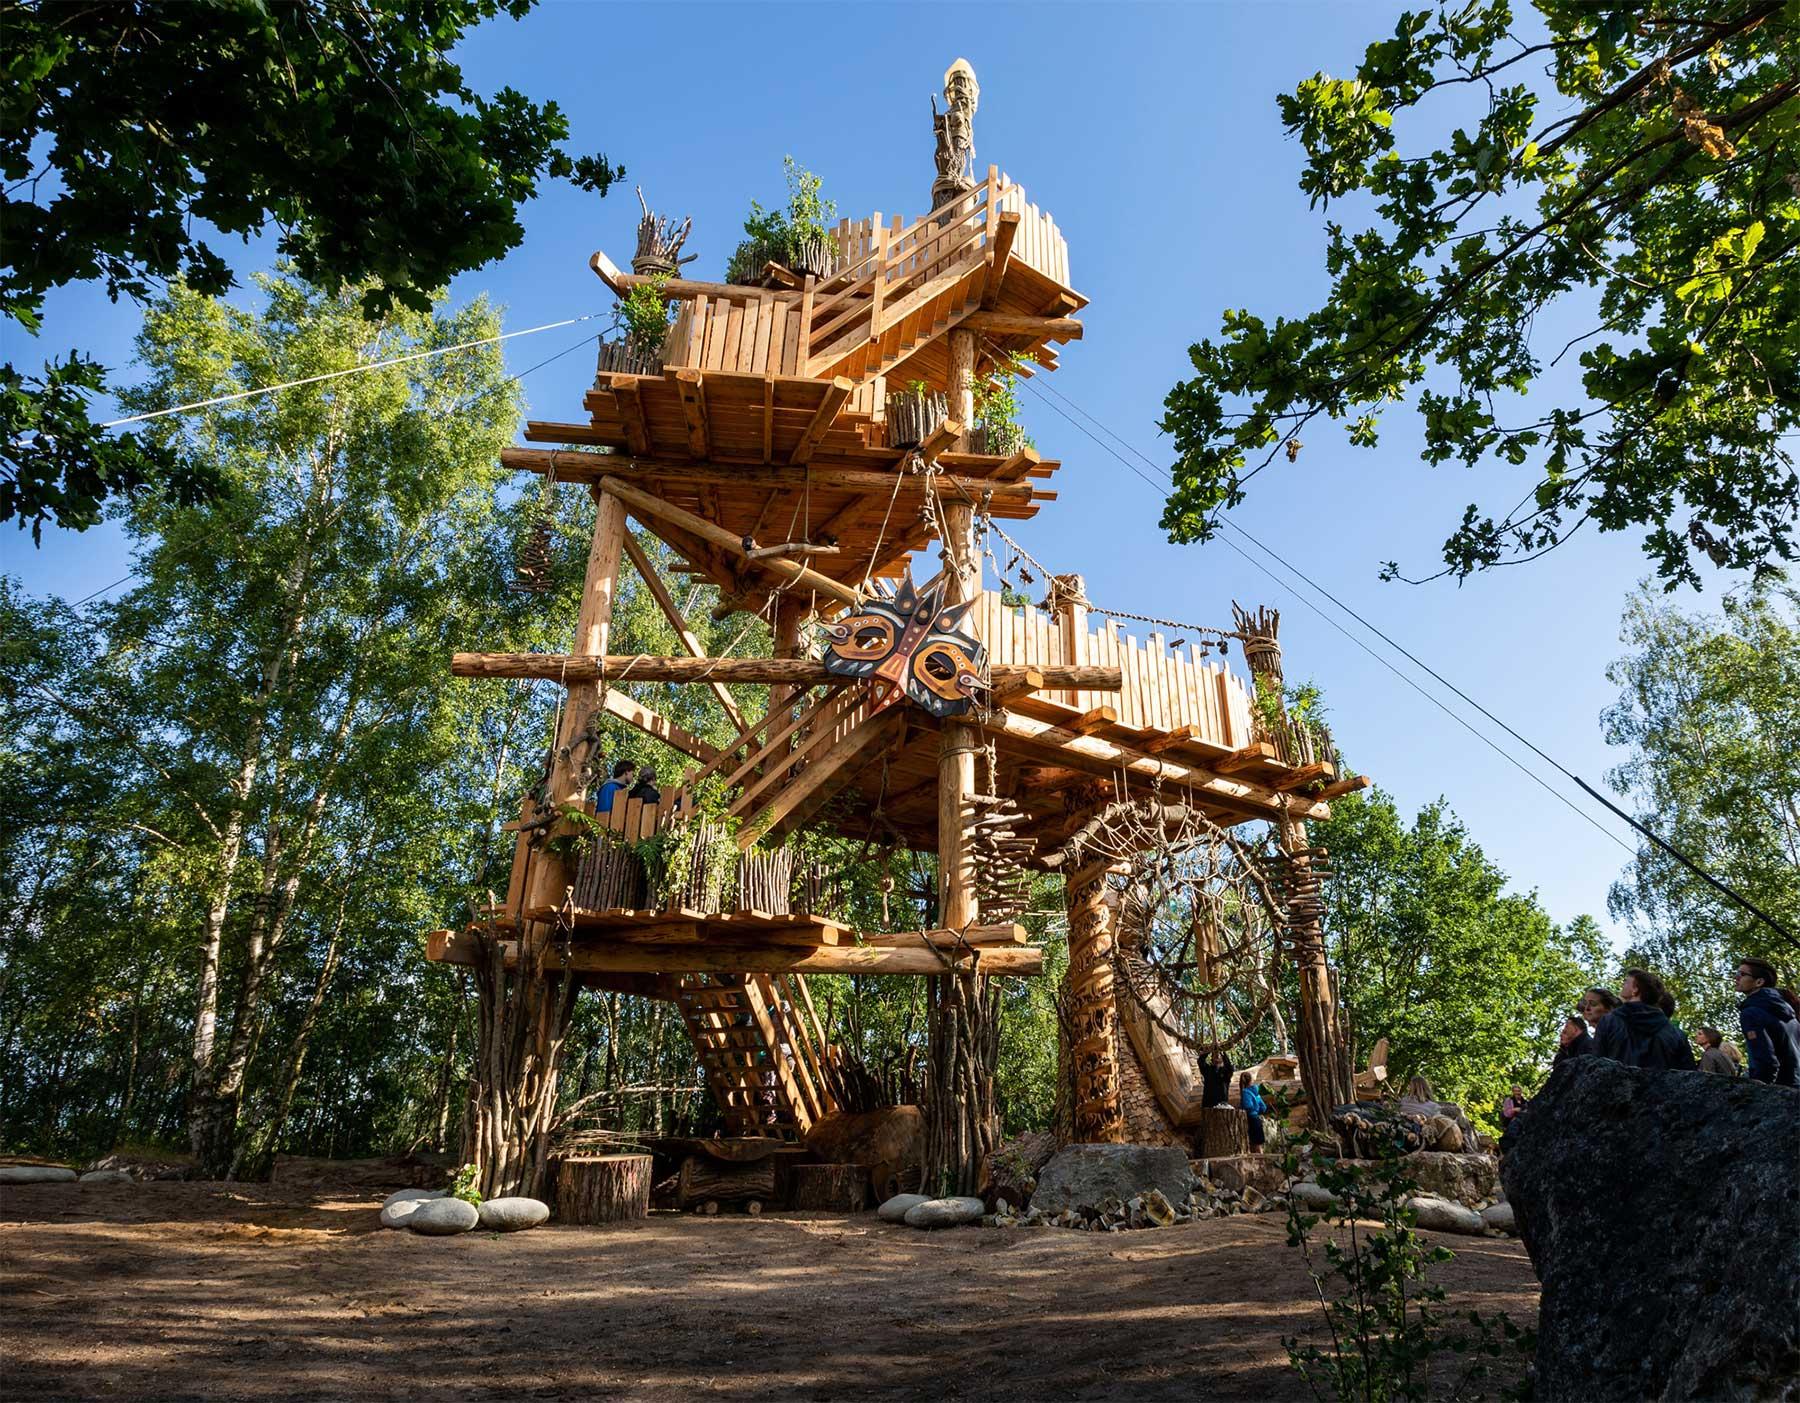 Fantastische Holzmonster im belgischen Wald Thomas-Dambo-belgien-holzriesen_05